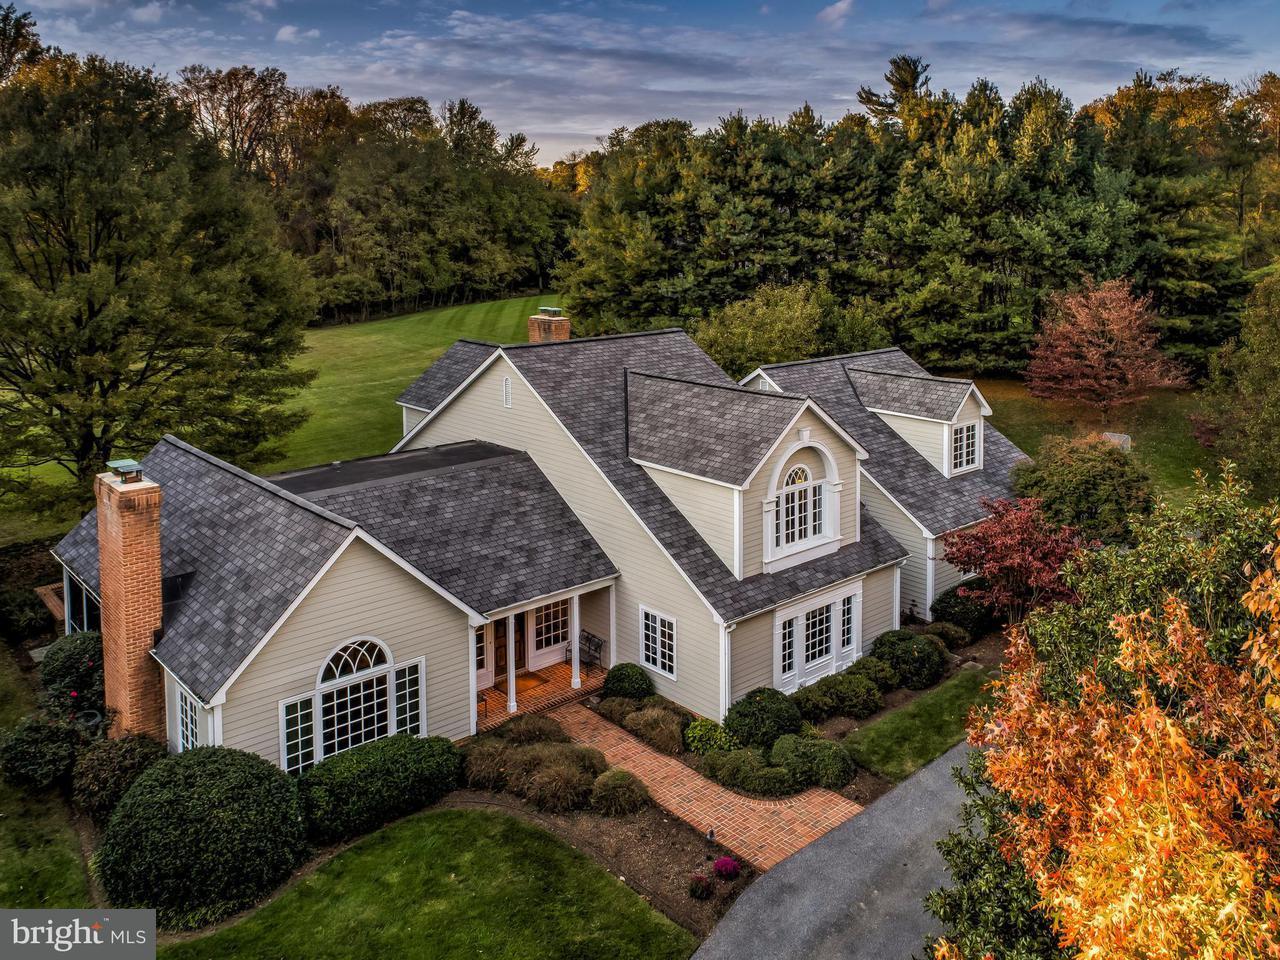 Частный односемейный дом для того Продажа на 522 Greenwood Road 522 Greenwood Road Towson, Мэриленд 21204 Соединенные Штаты